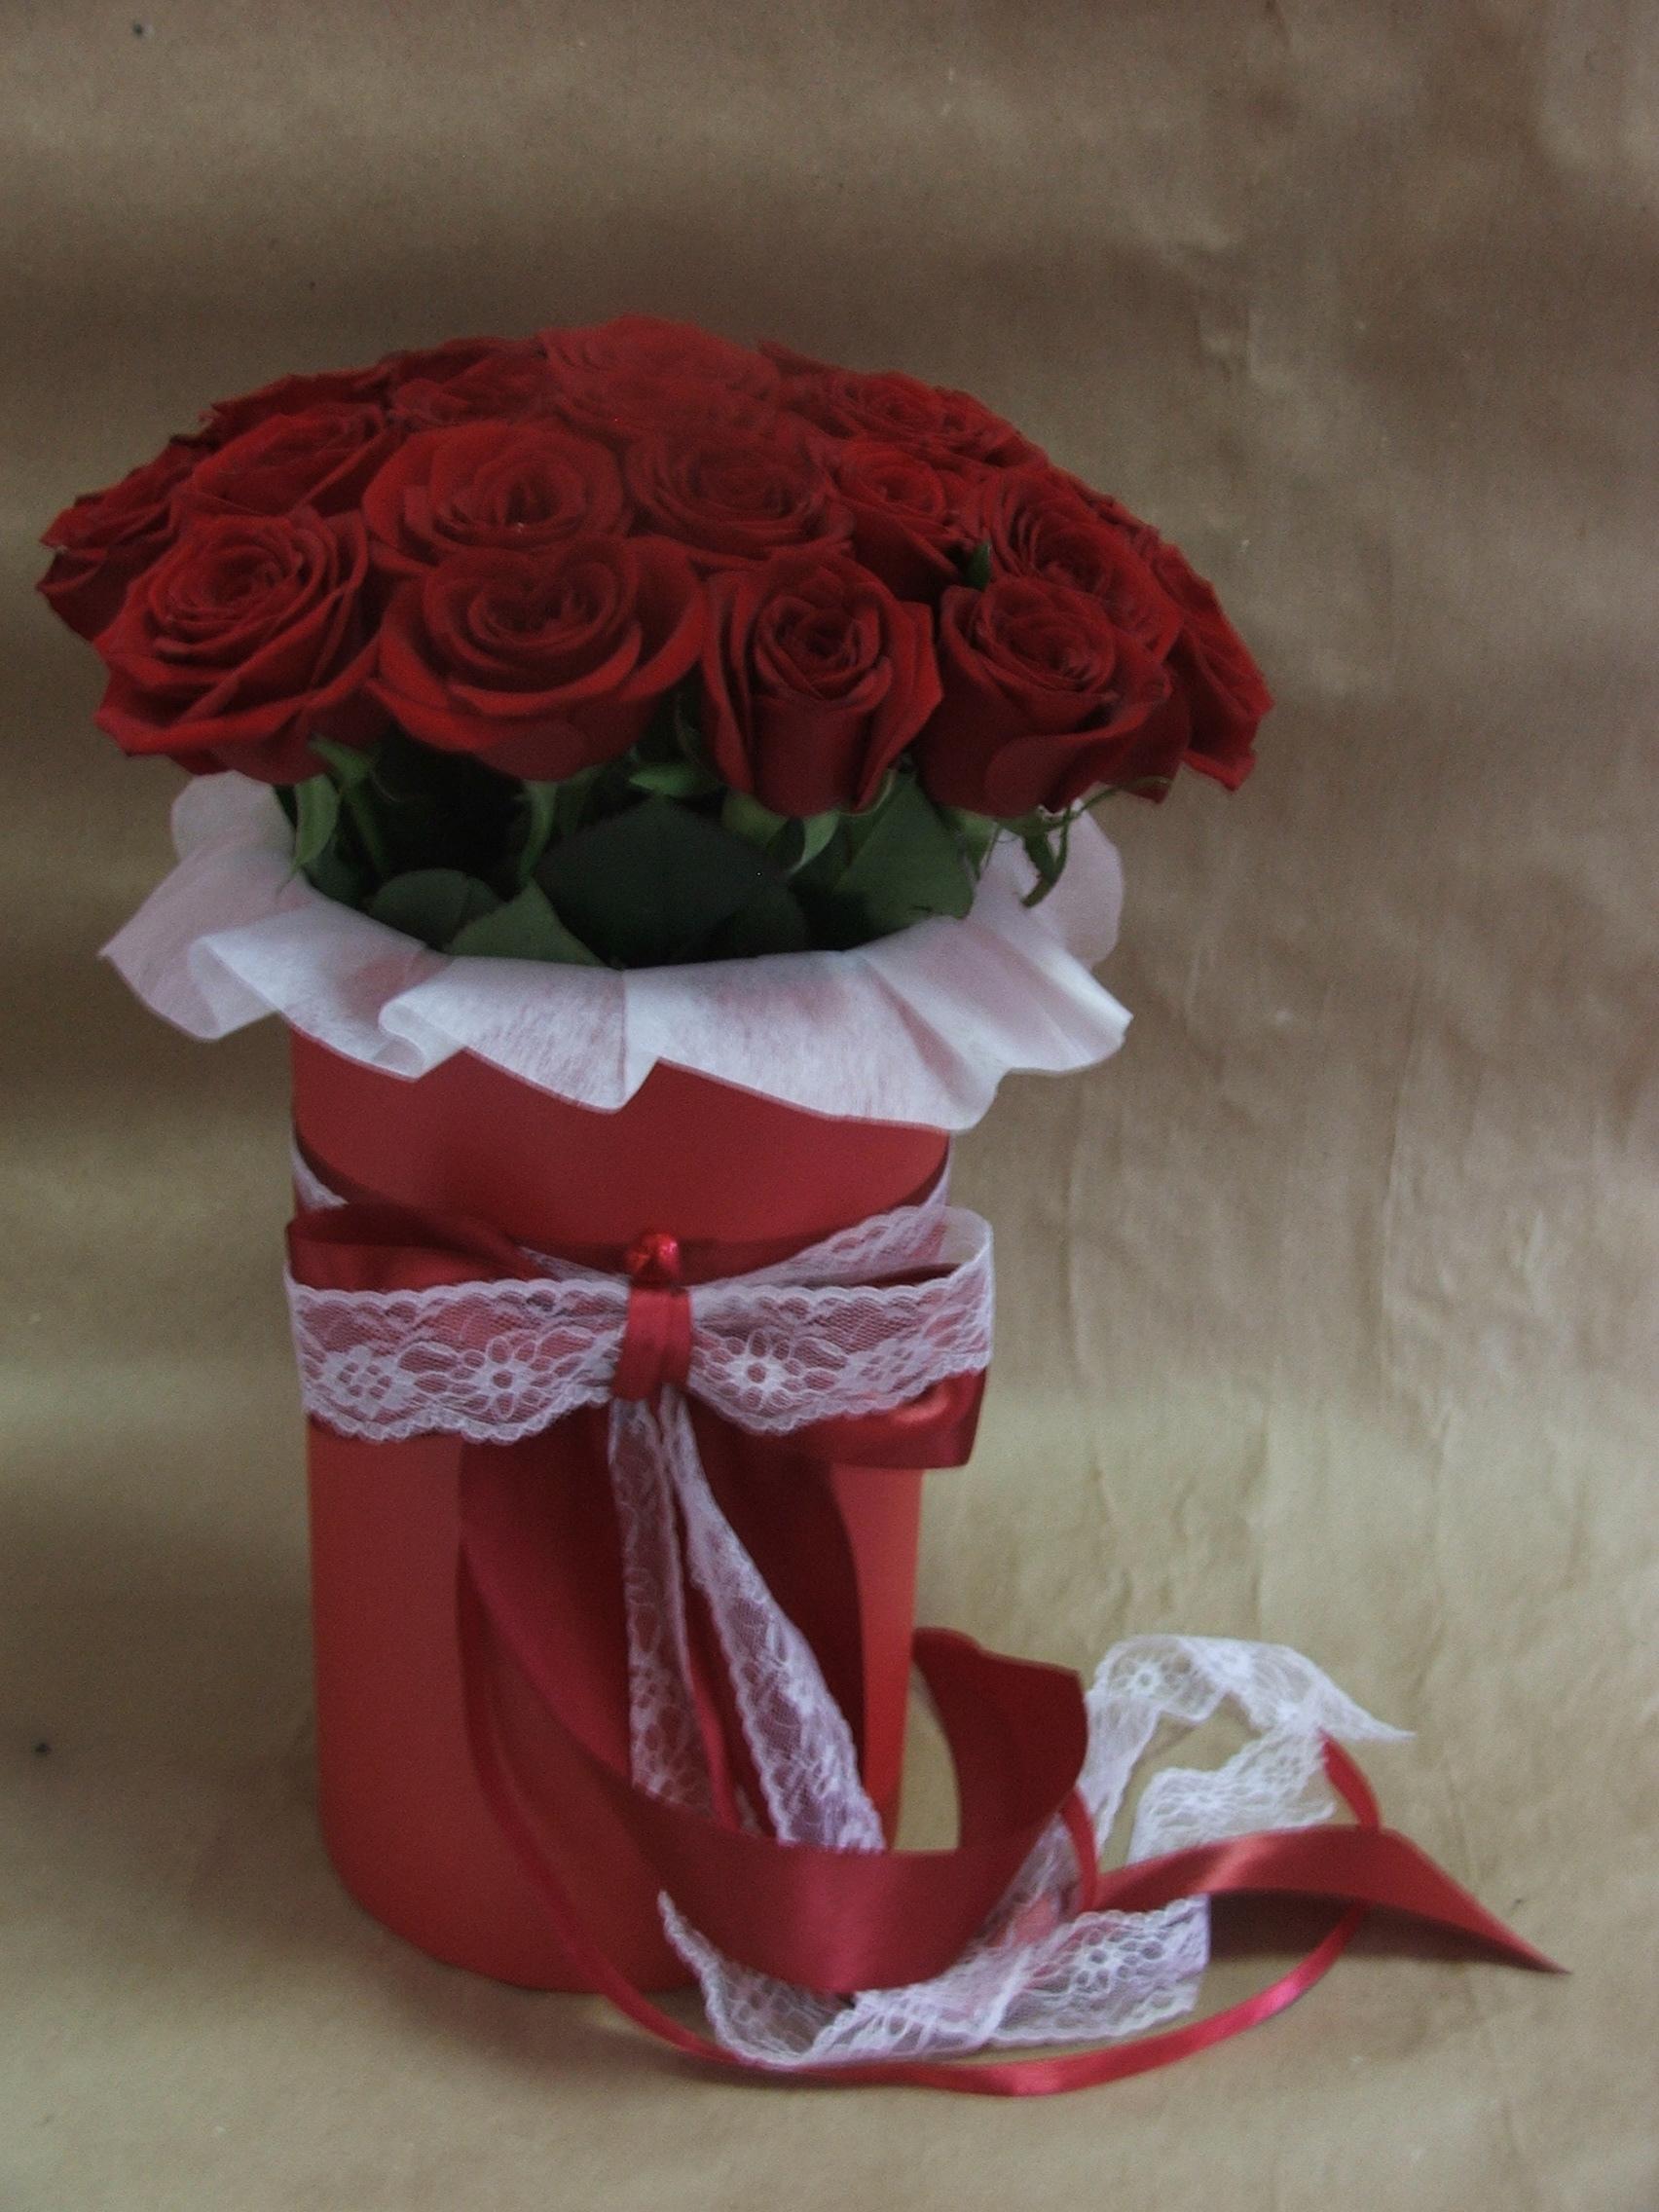 Цветы в шляпной коробке фото с днем рождения